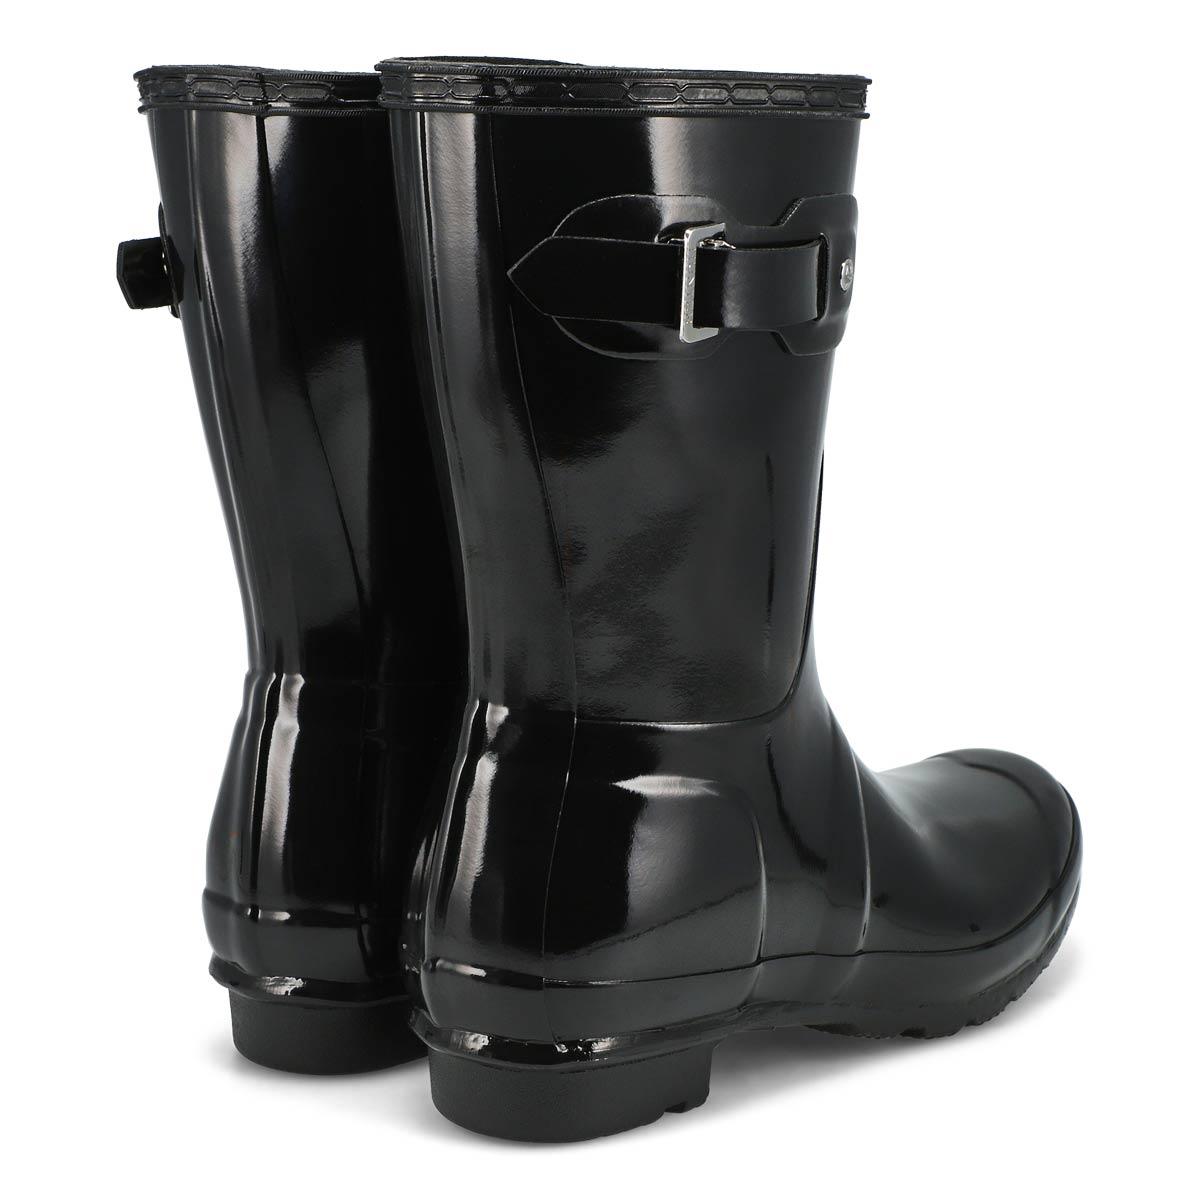 Lds Original Short Gloss blk rainboot